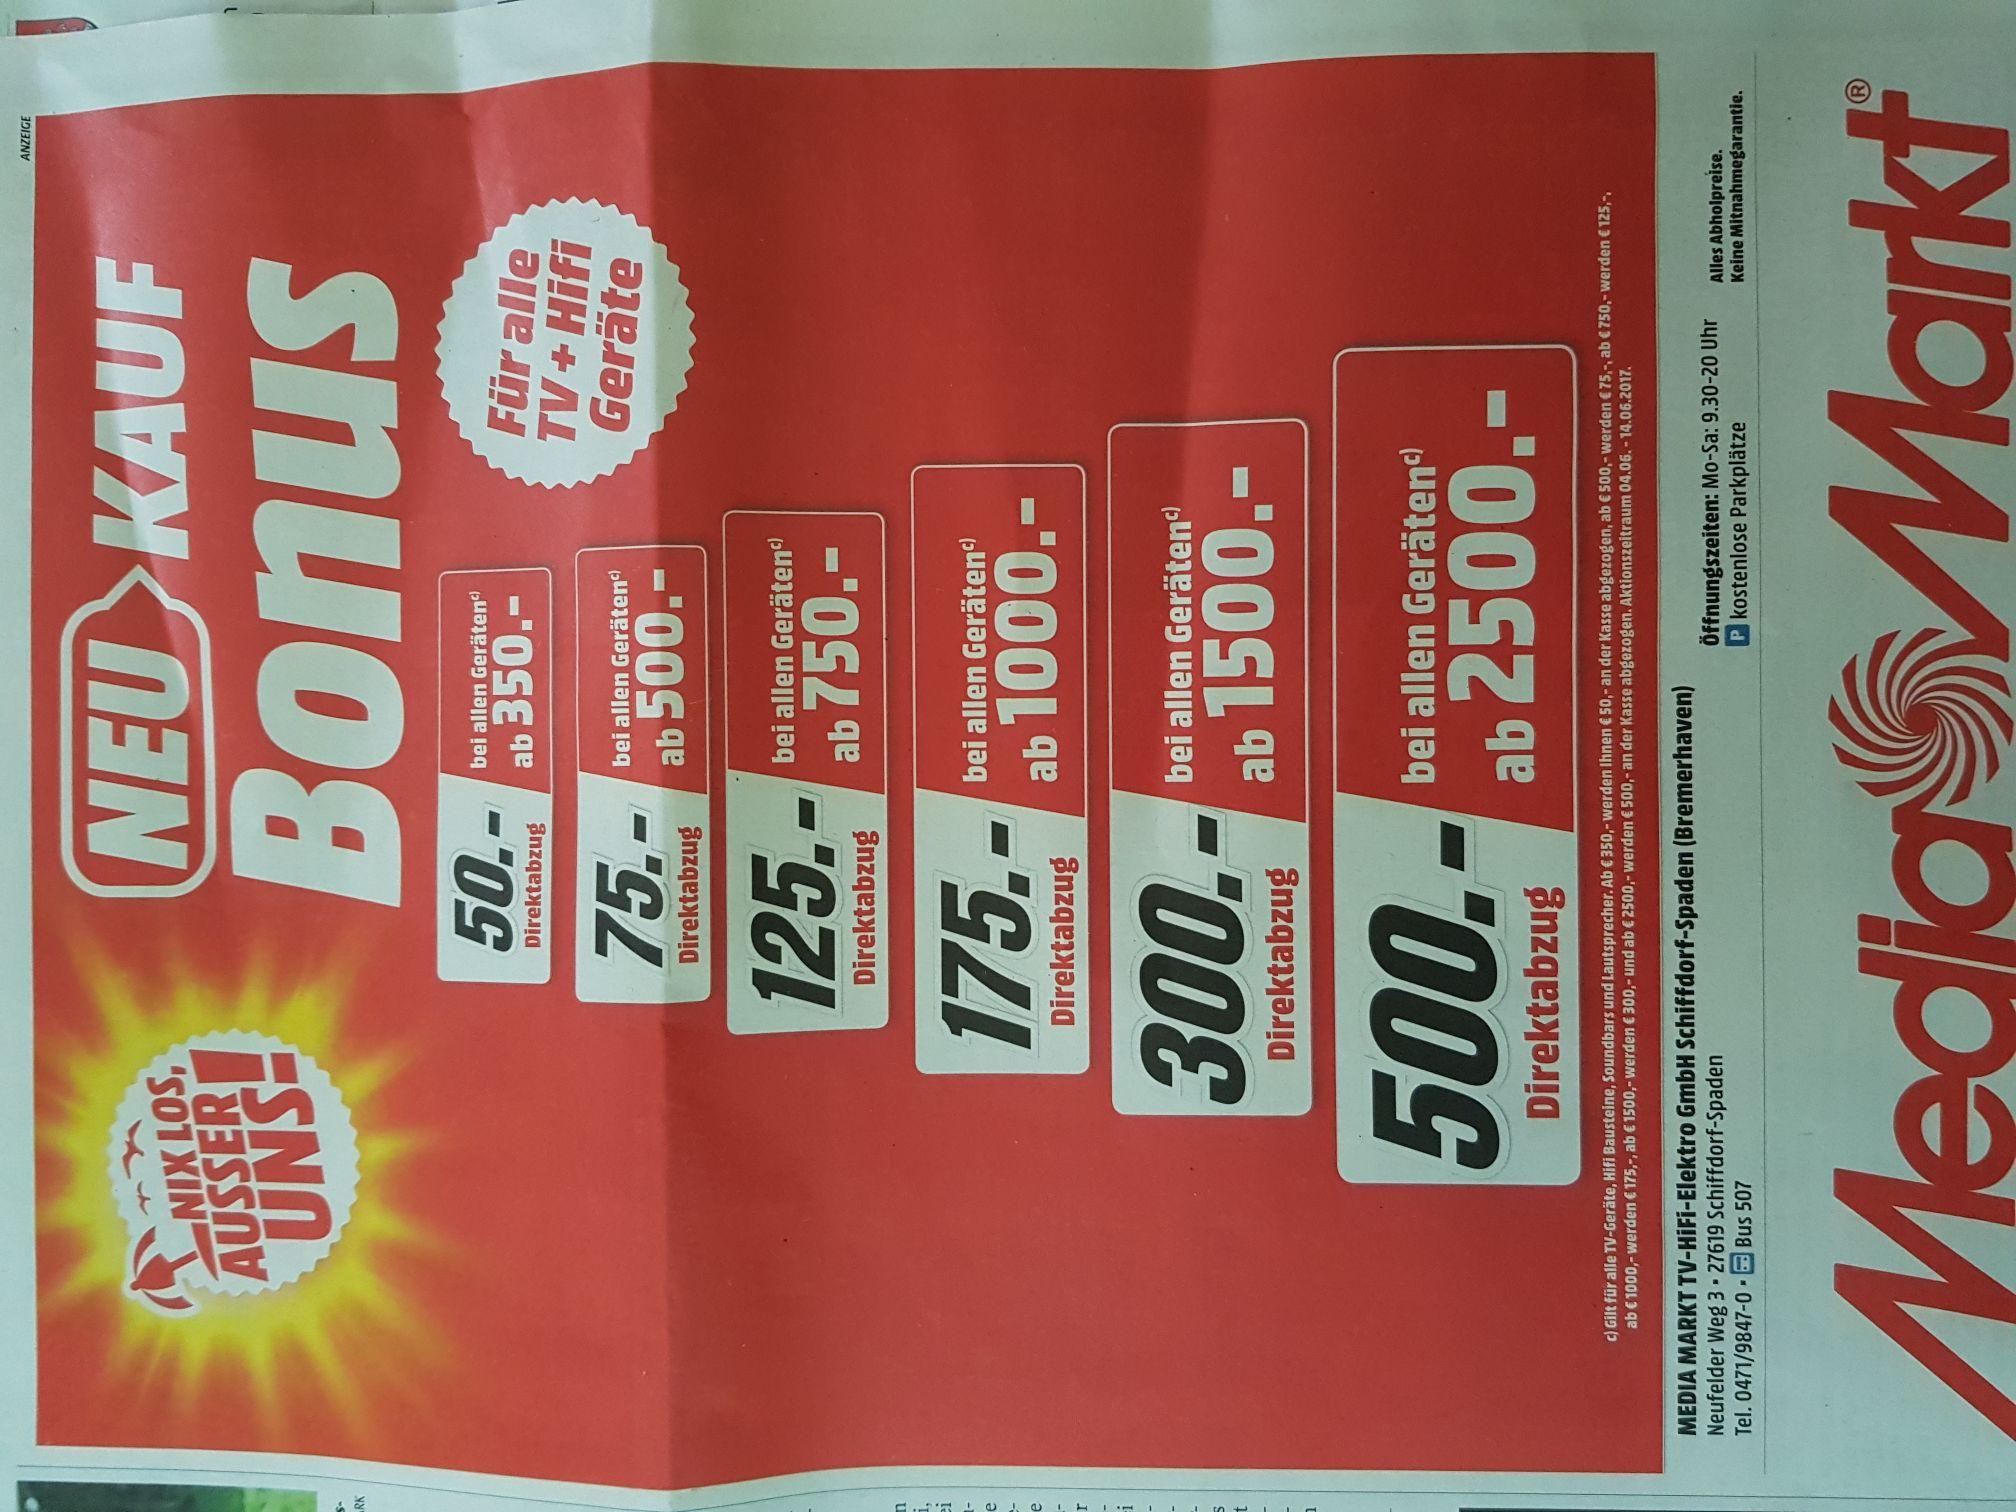 Mediamarkt TV+Hifi Direktabzug 50€-500€ gestaffelter Rabatt (bis 20%) eventuell nur lokal? (Bremerhaven)